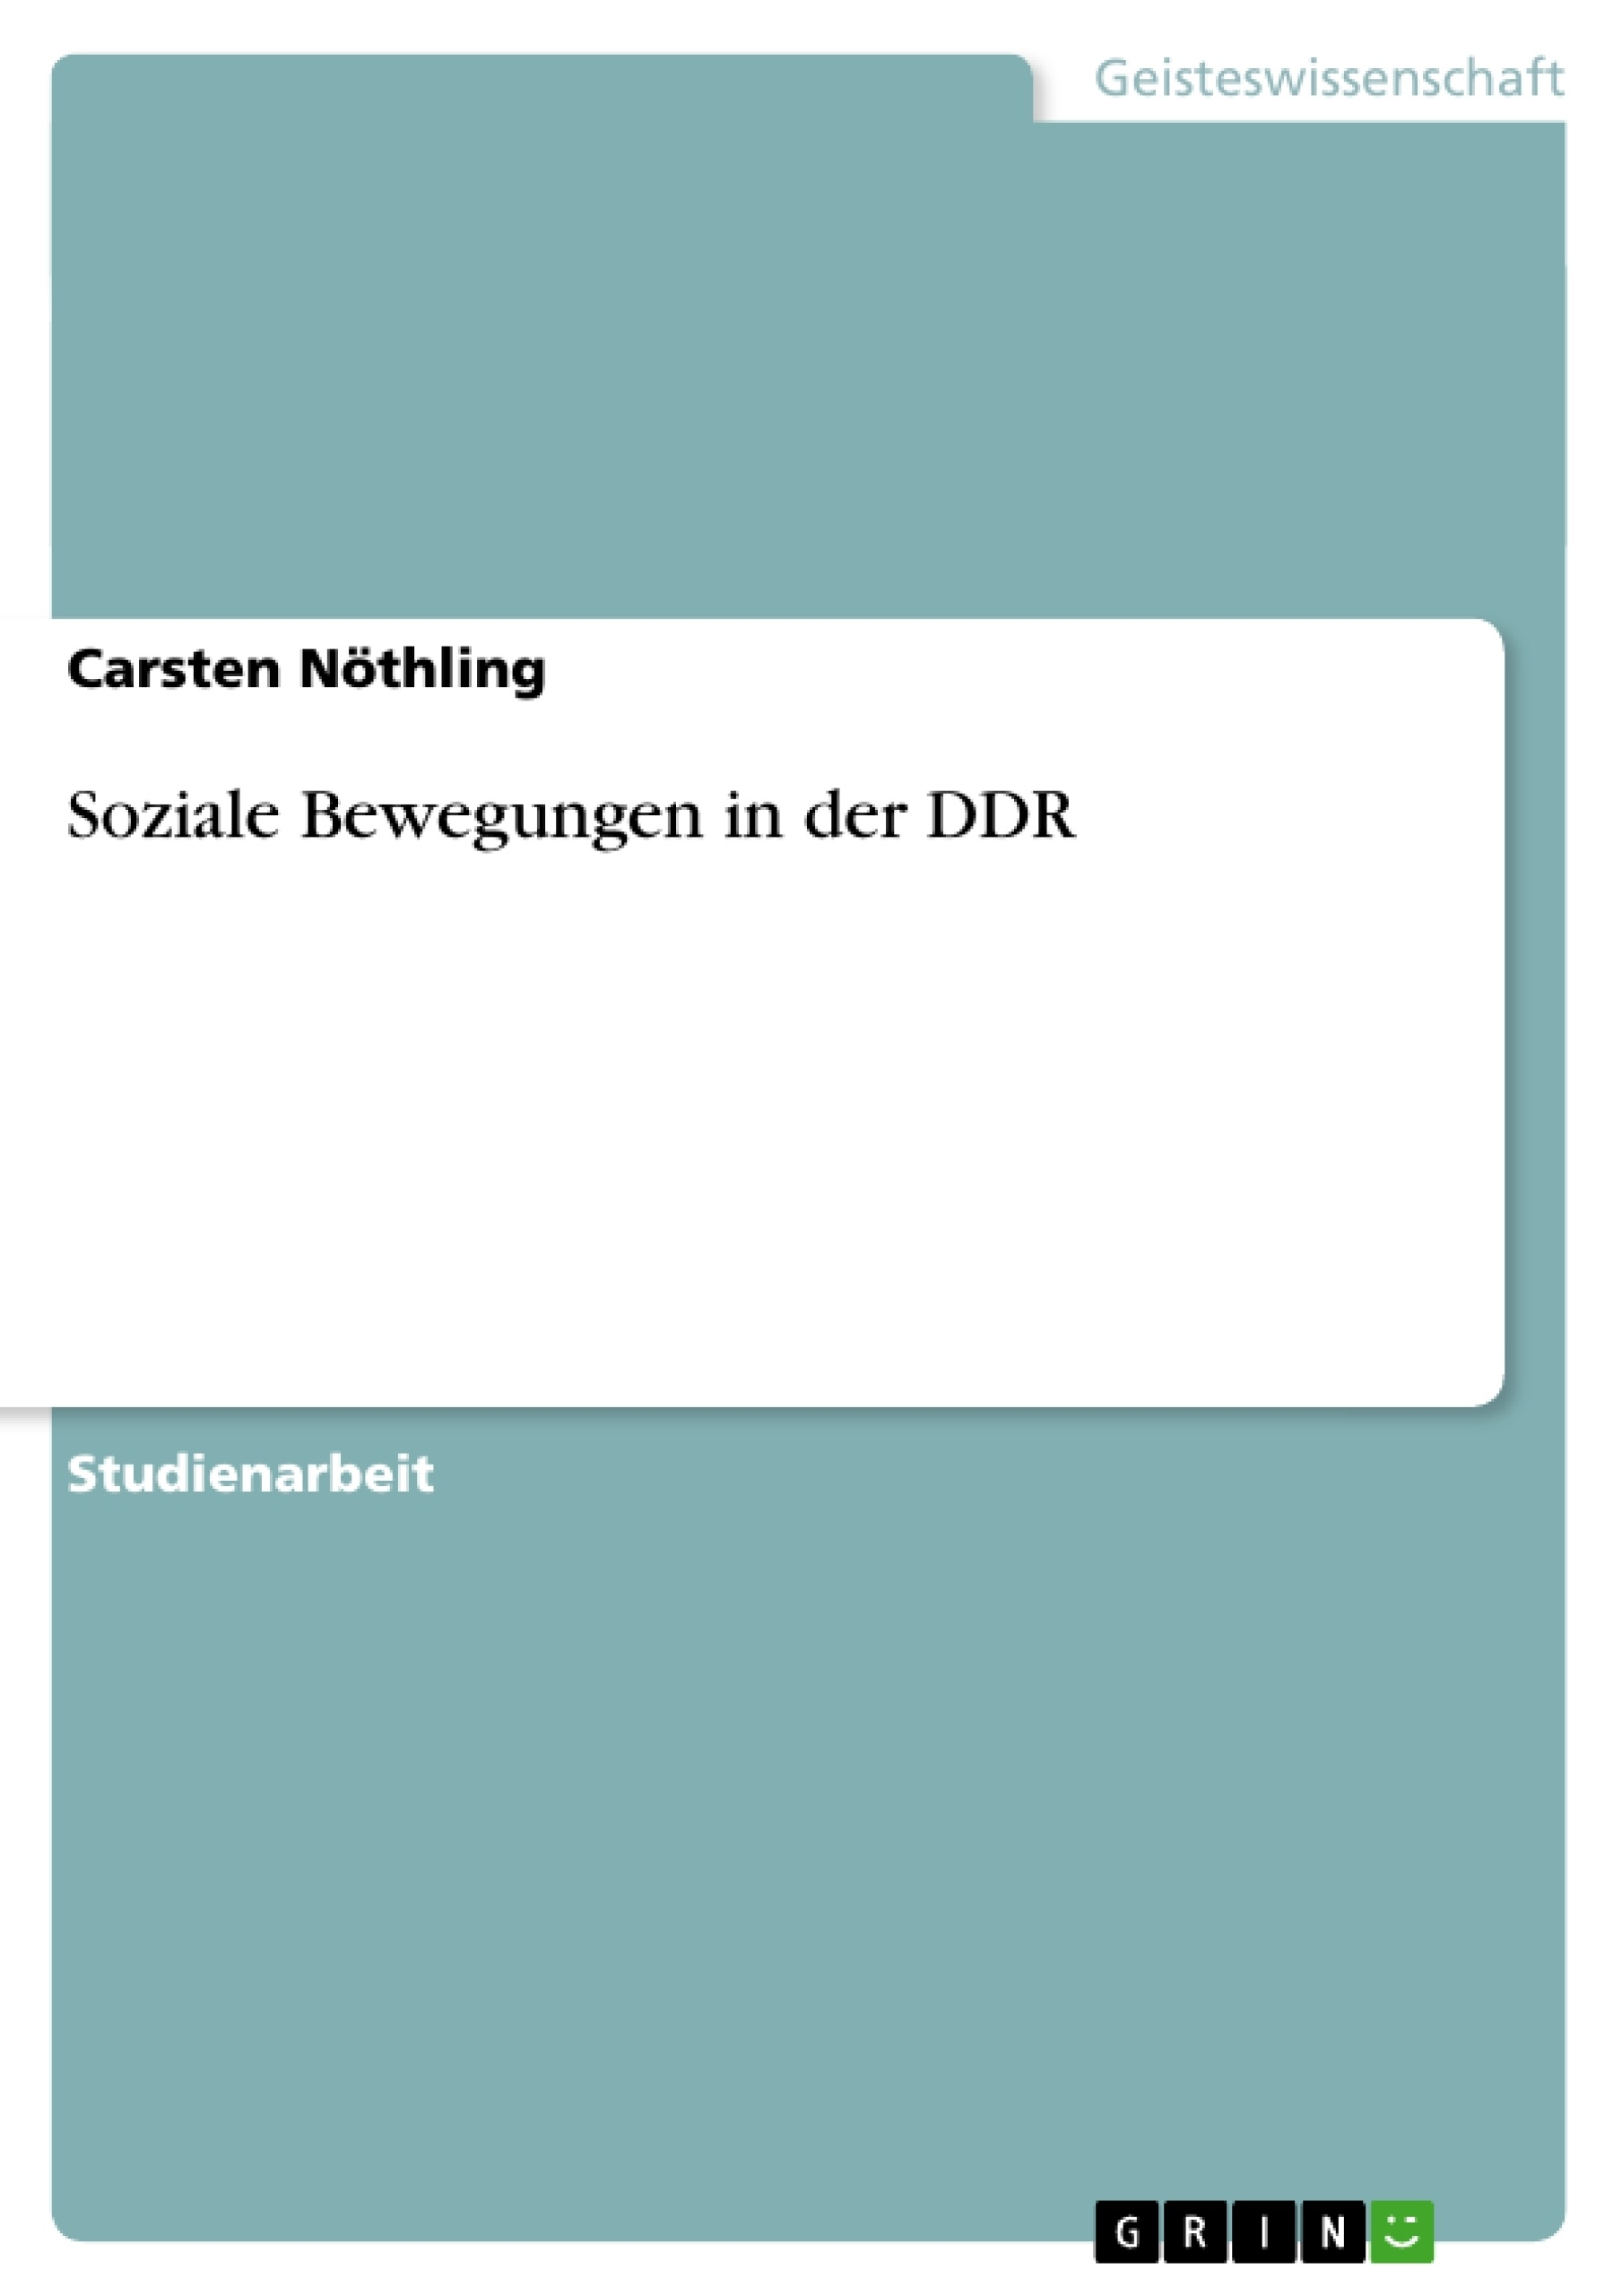 Titel: Soziale Bewegungen in der DDR